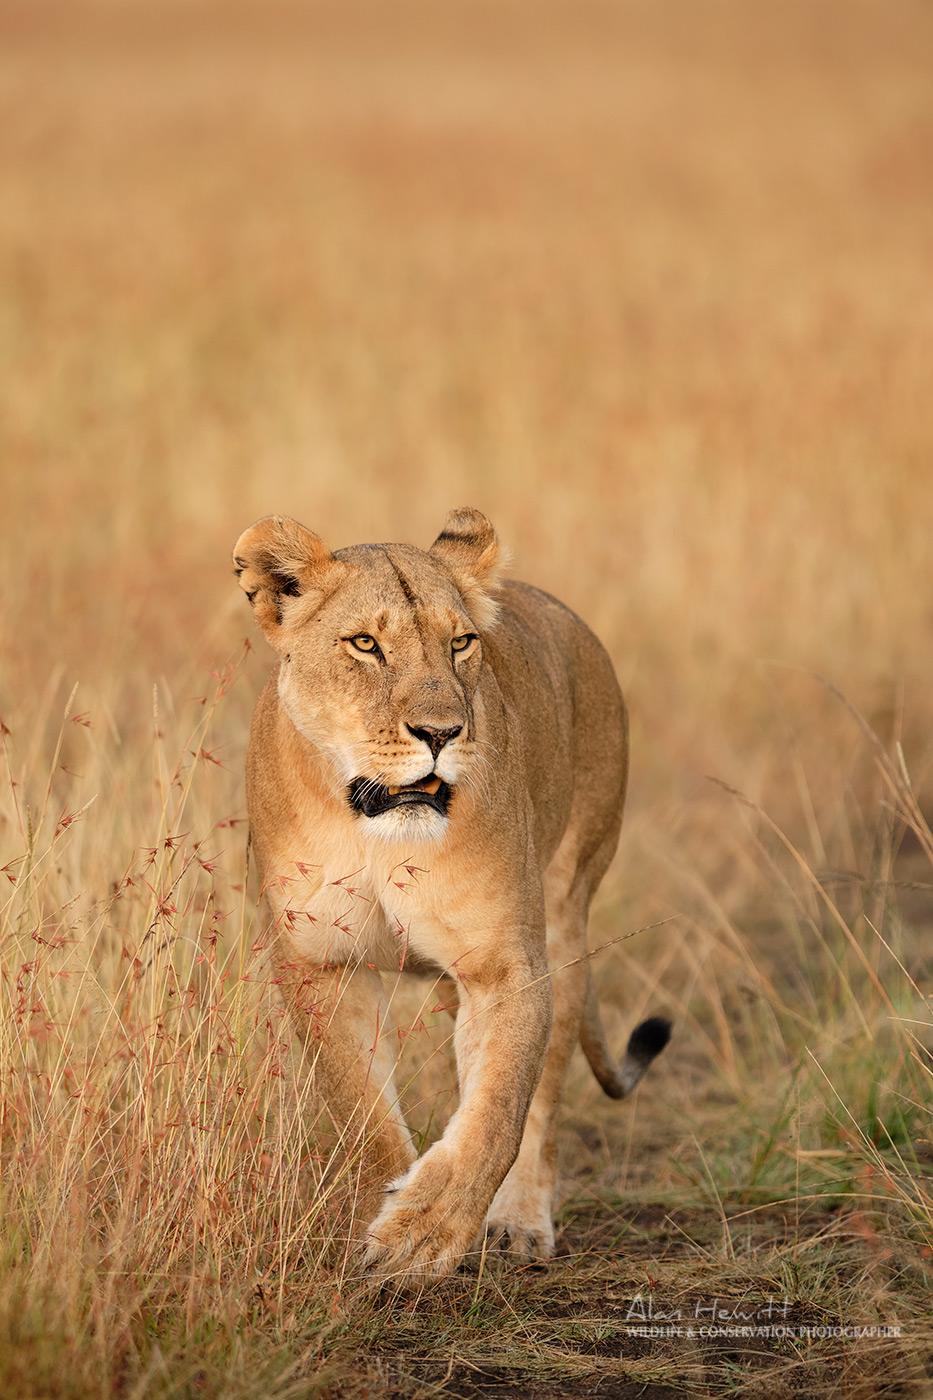 Lioness, Lemek Conservancy Maasai Mara. Alan Hewitt Photography